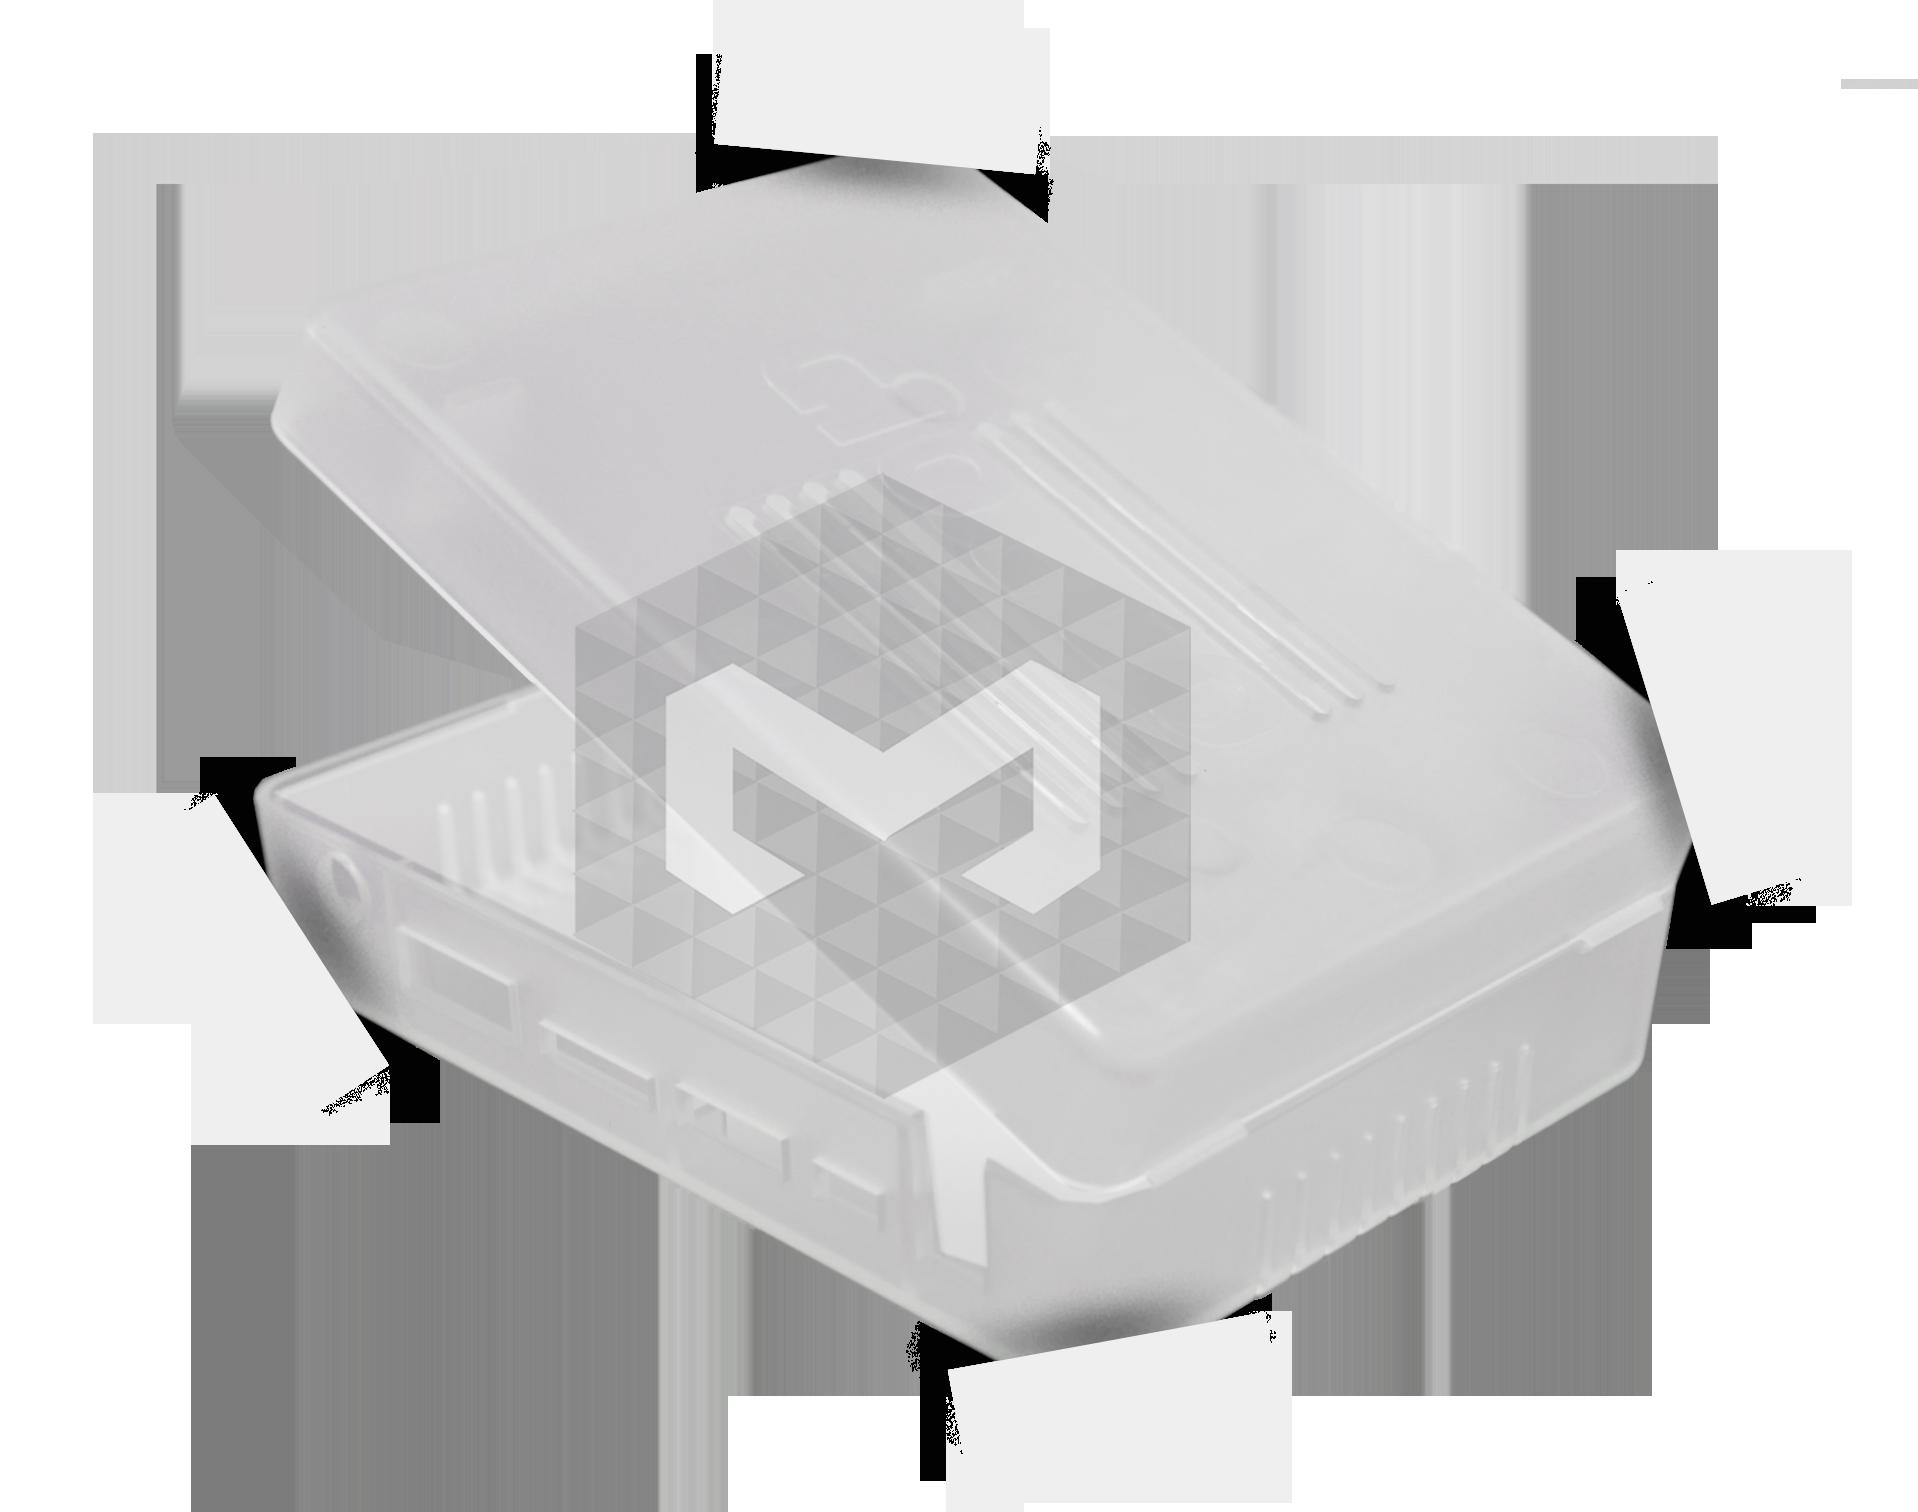 Case-ODROID-XU3-Transparente